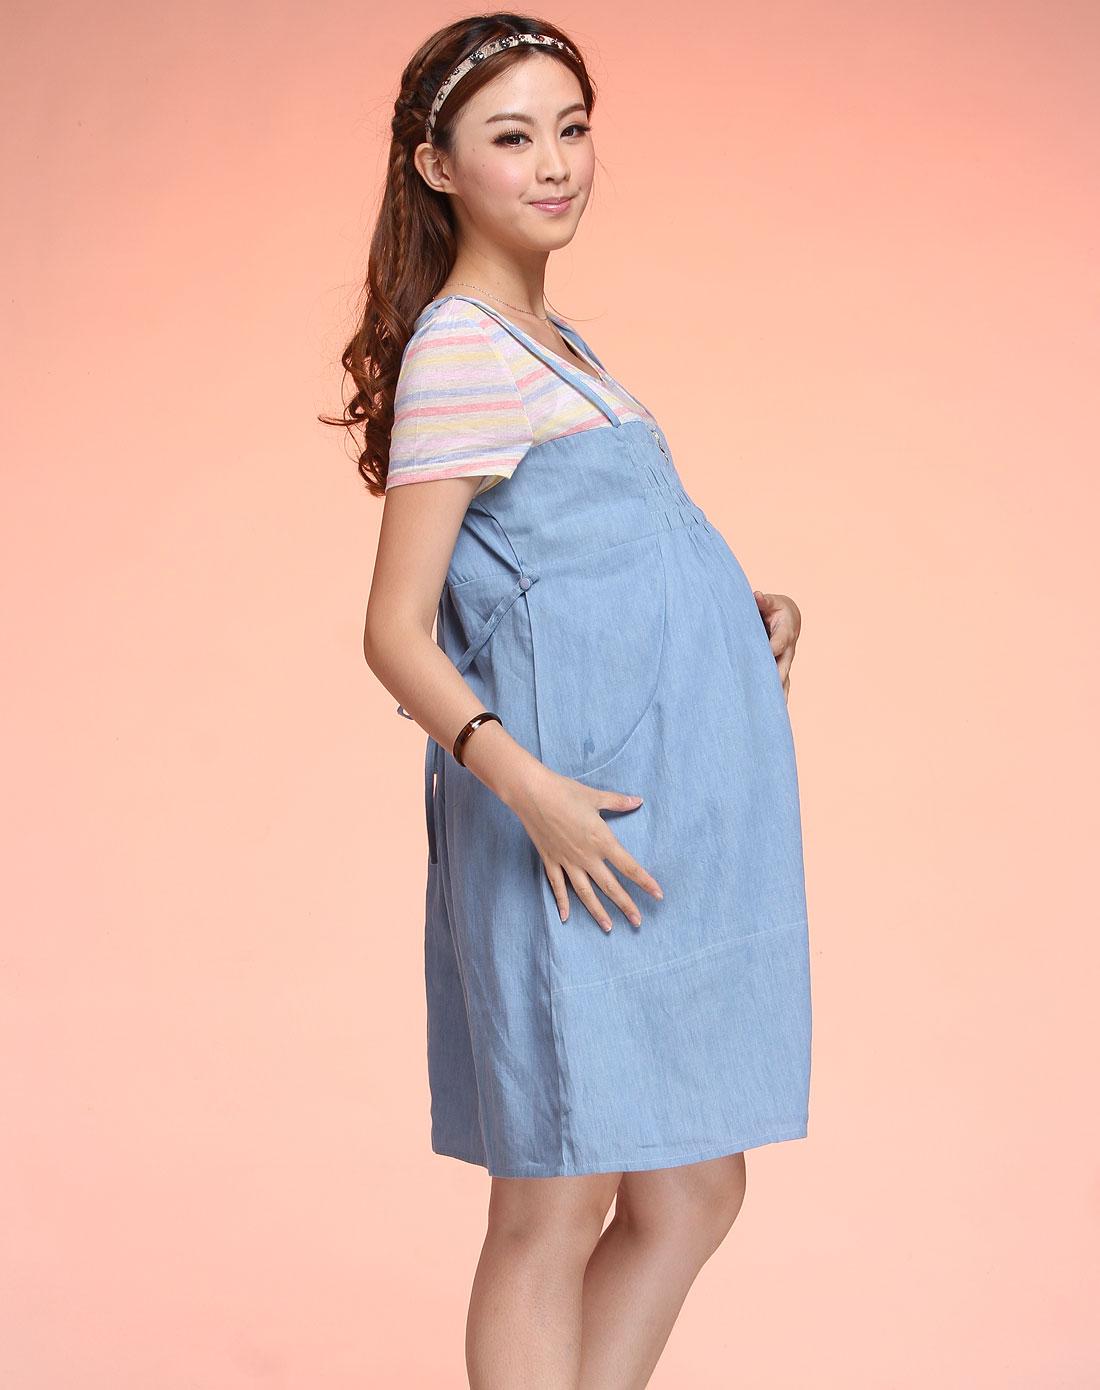 今生宝贝kissbb孕妇浅蓝色假两件孕妇短袖连身裙